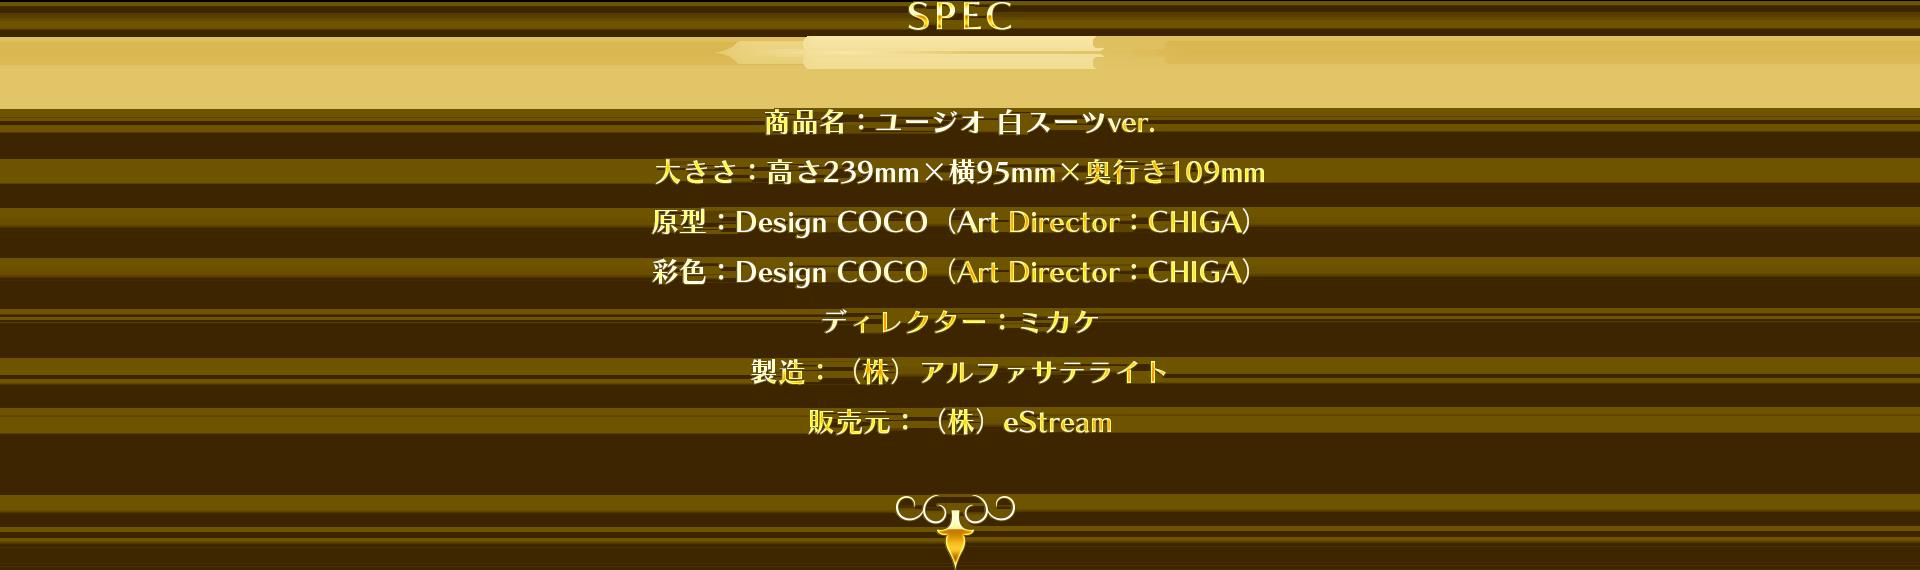 spec_content